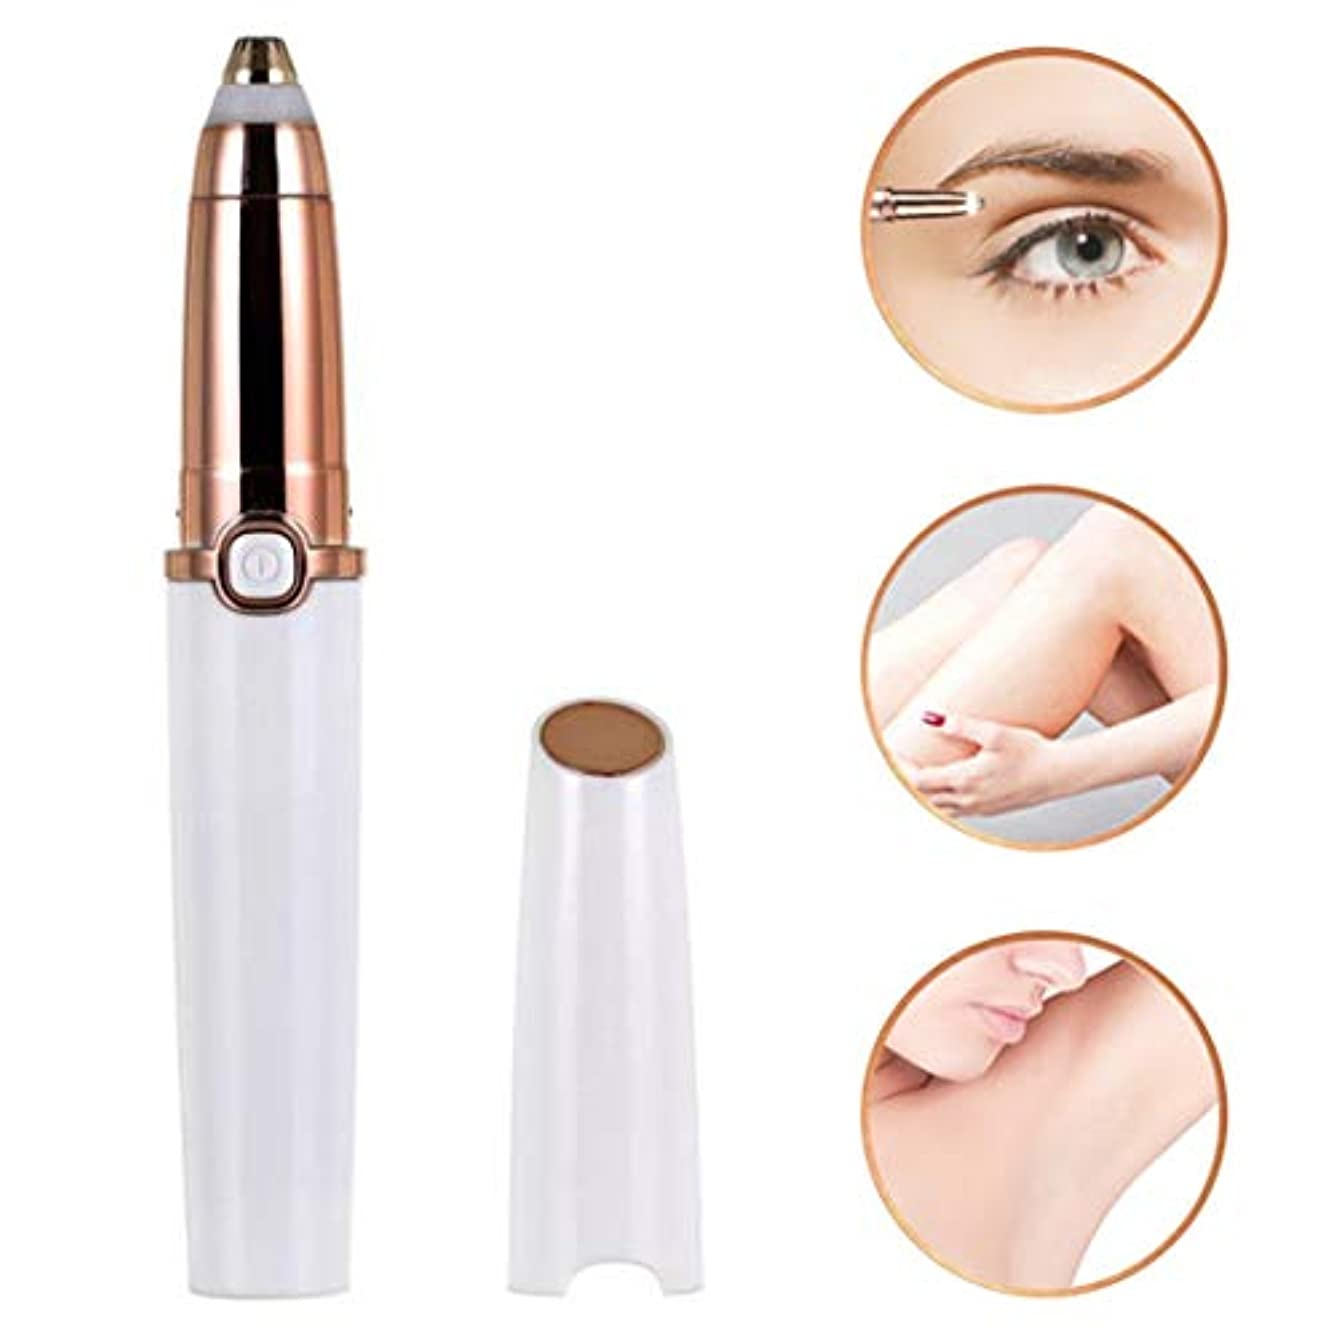 悔い改めるきらきらつぶすUSB充電機能を備えた眉毛トリマー、女性用および男性用のポータブルで安全で痛みのない精密な顔面精密トリマー,白